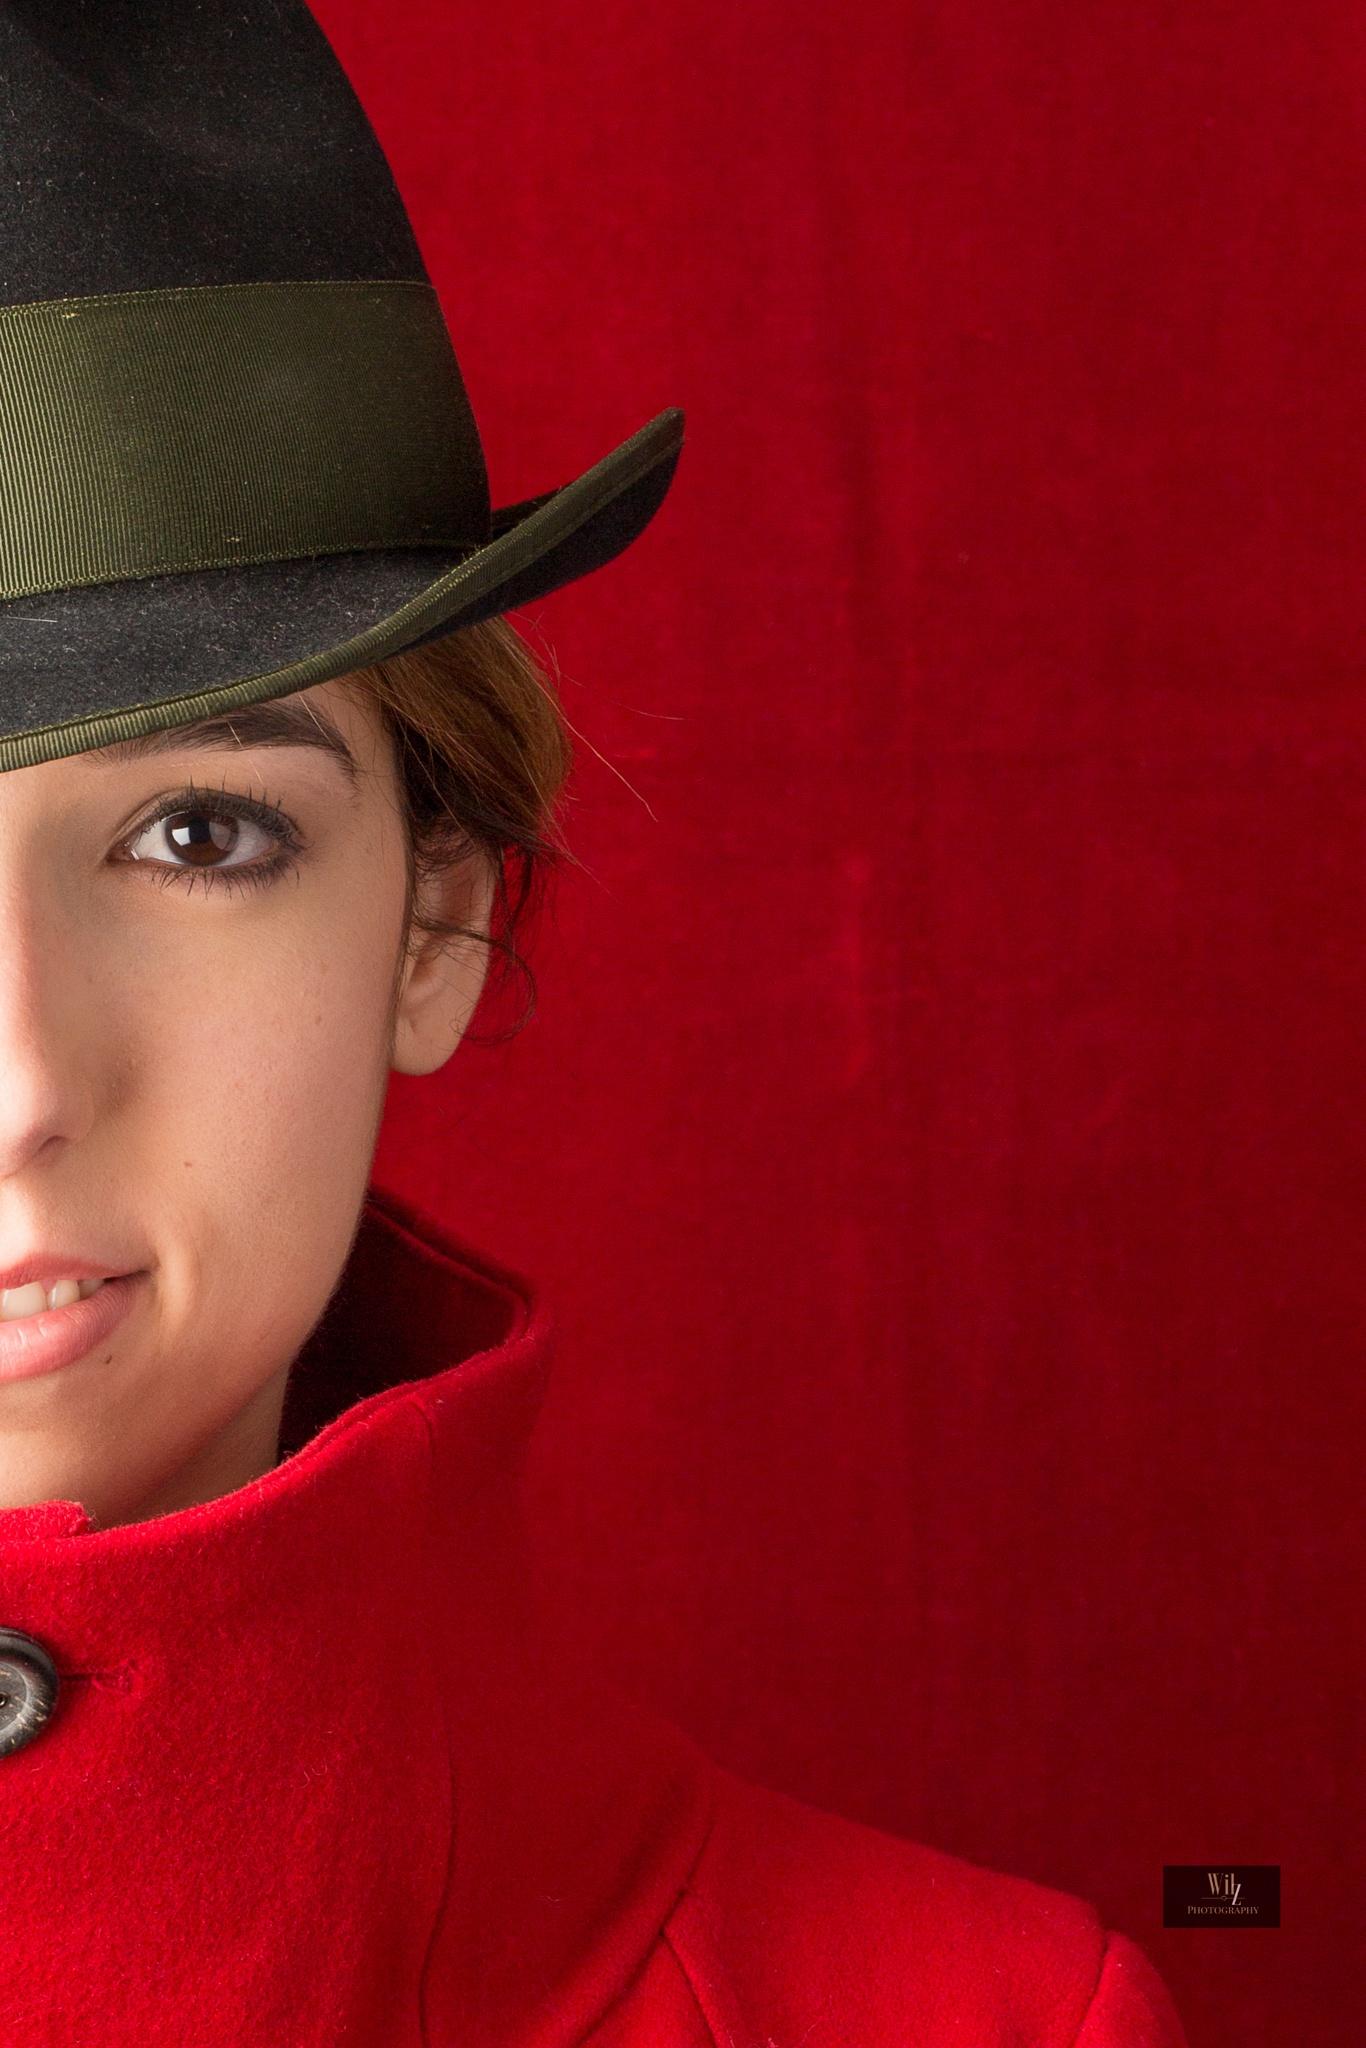 Red Top Hat  by wilvestjens